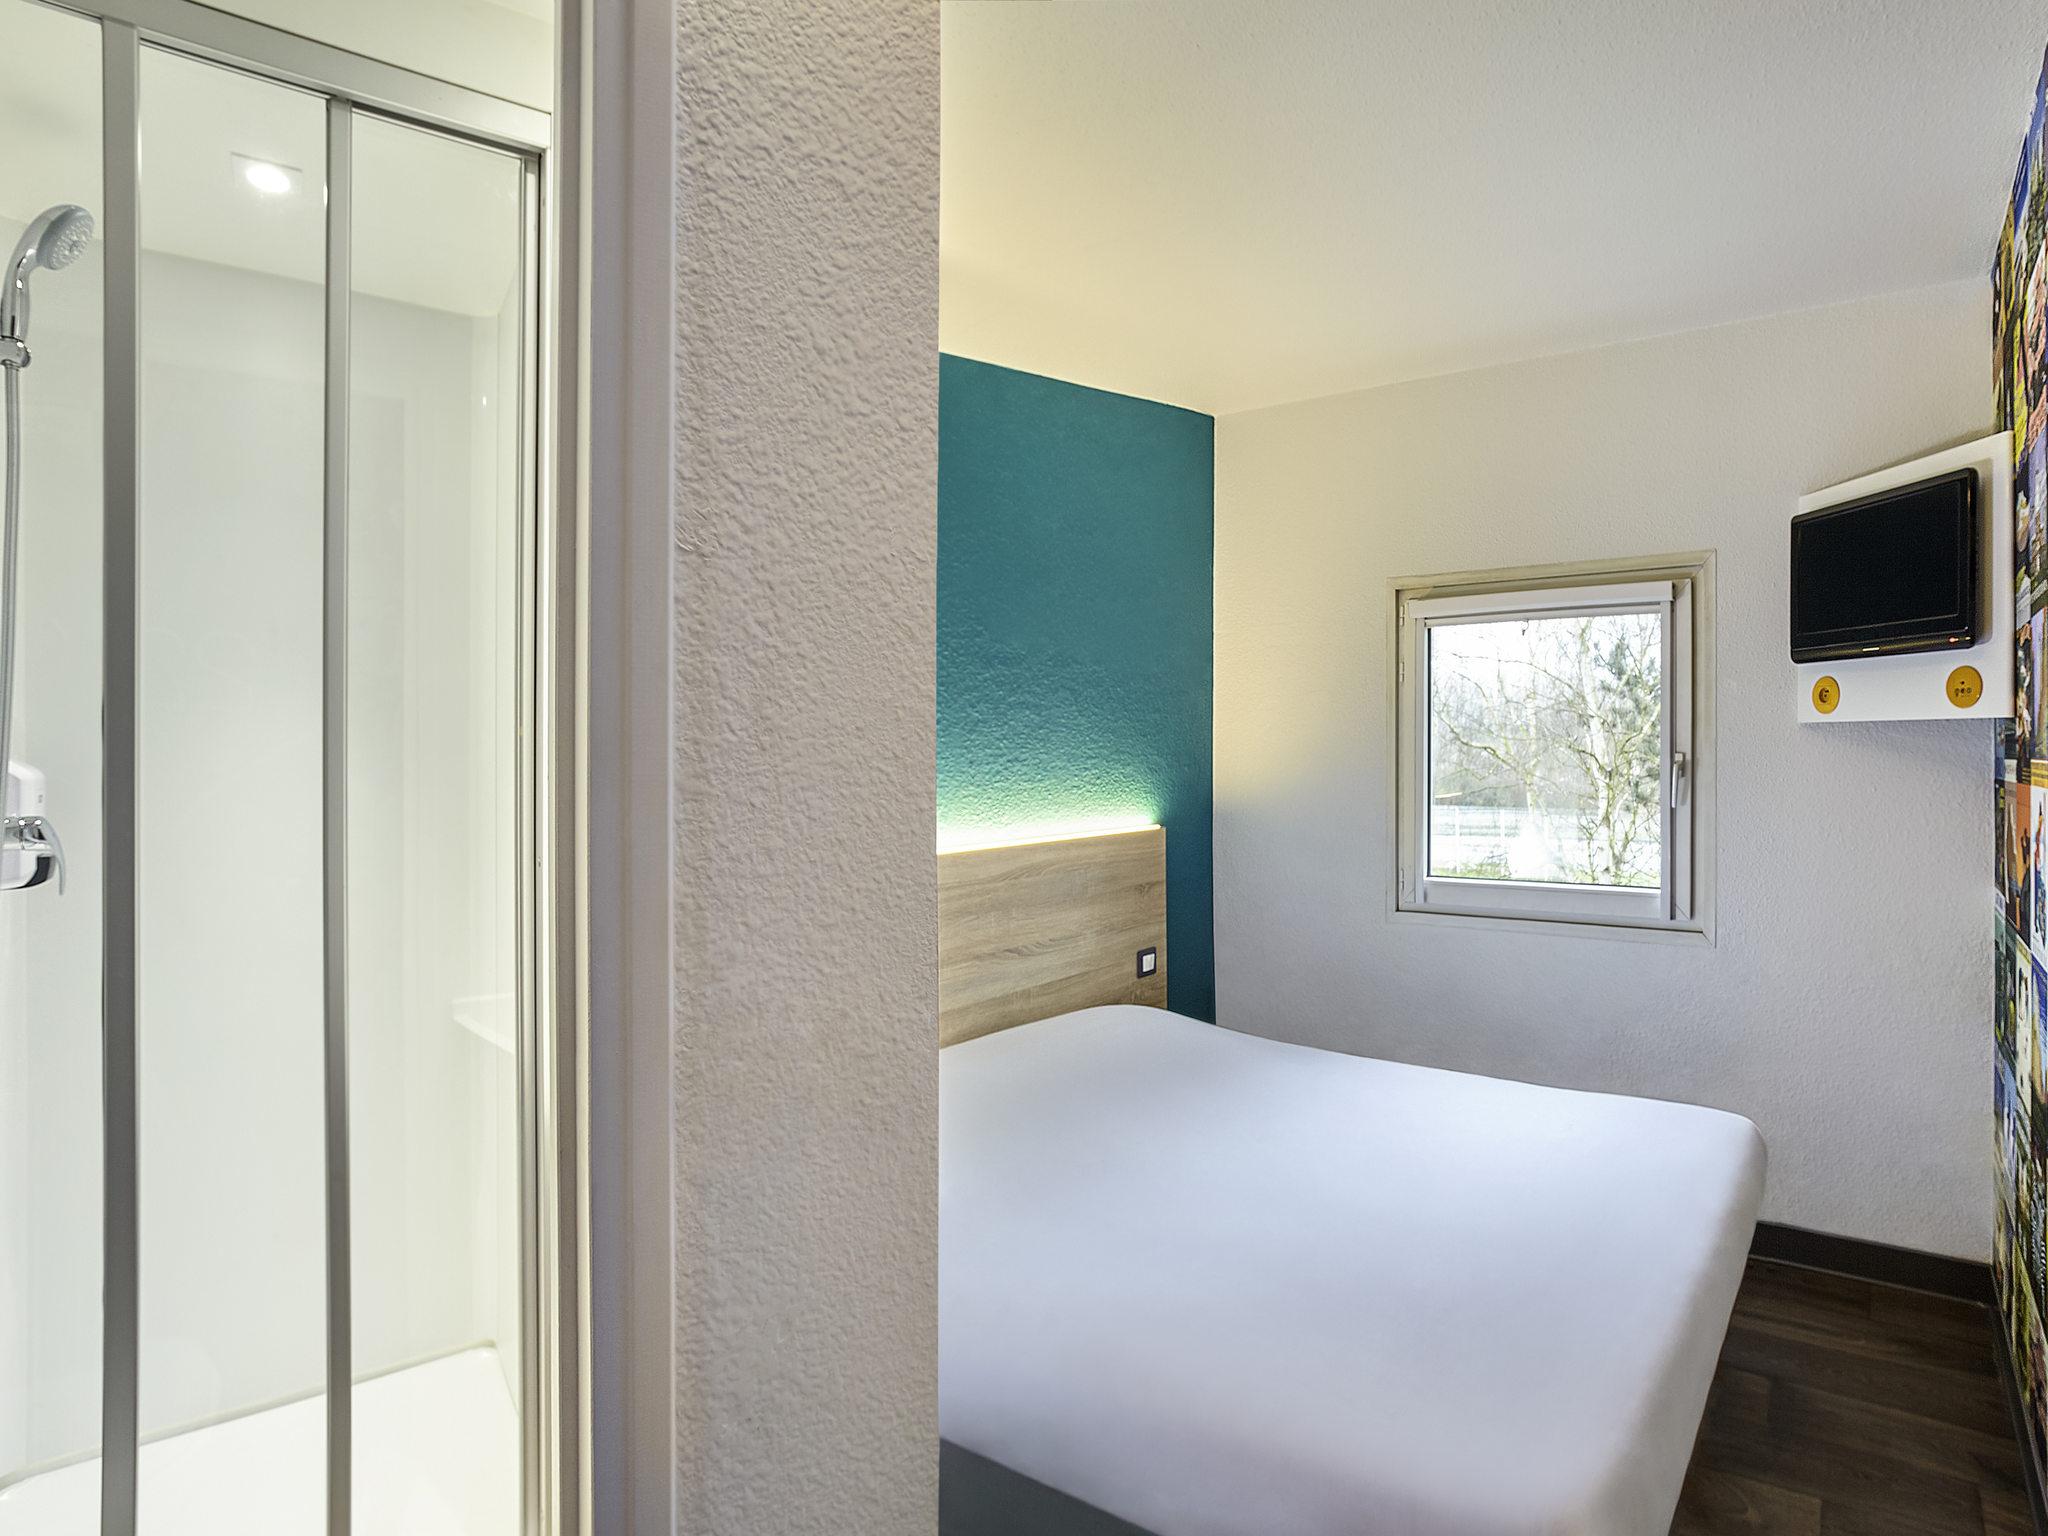 ホテル – hotelF1 Lille Métropole (Métro Mons Sarts) (rénové)